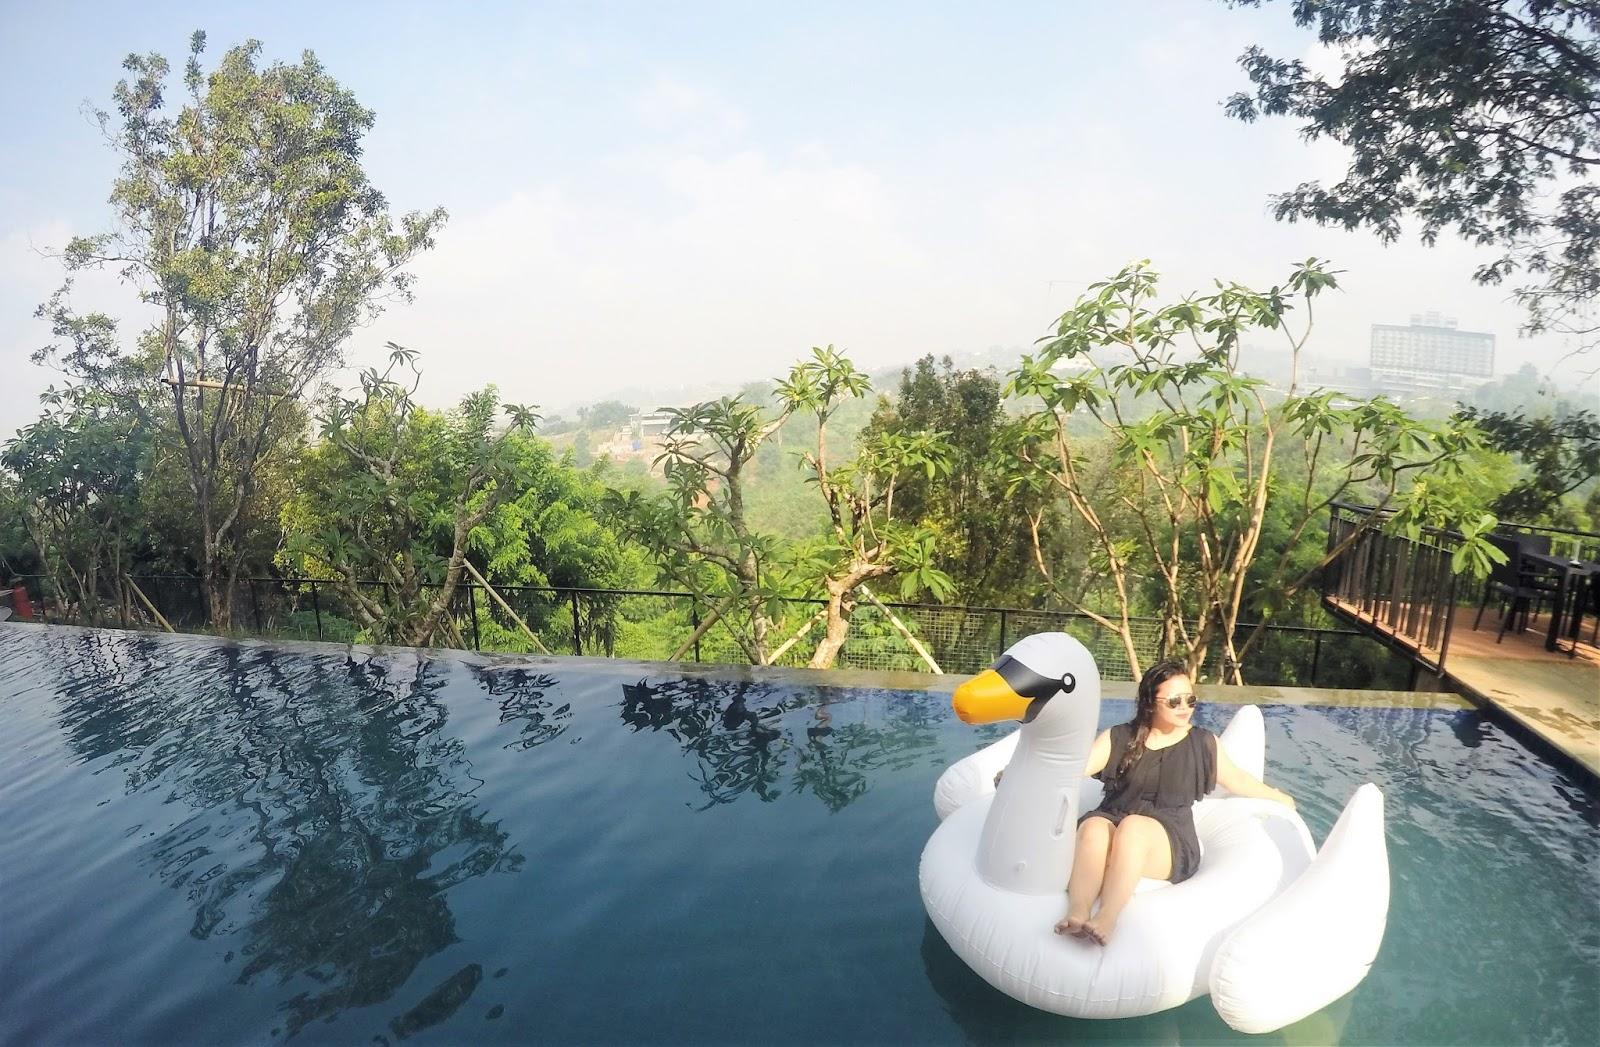 Clove Garden Hotel Sensasi Jacuzzi Infinity Pool Rasa Ubud